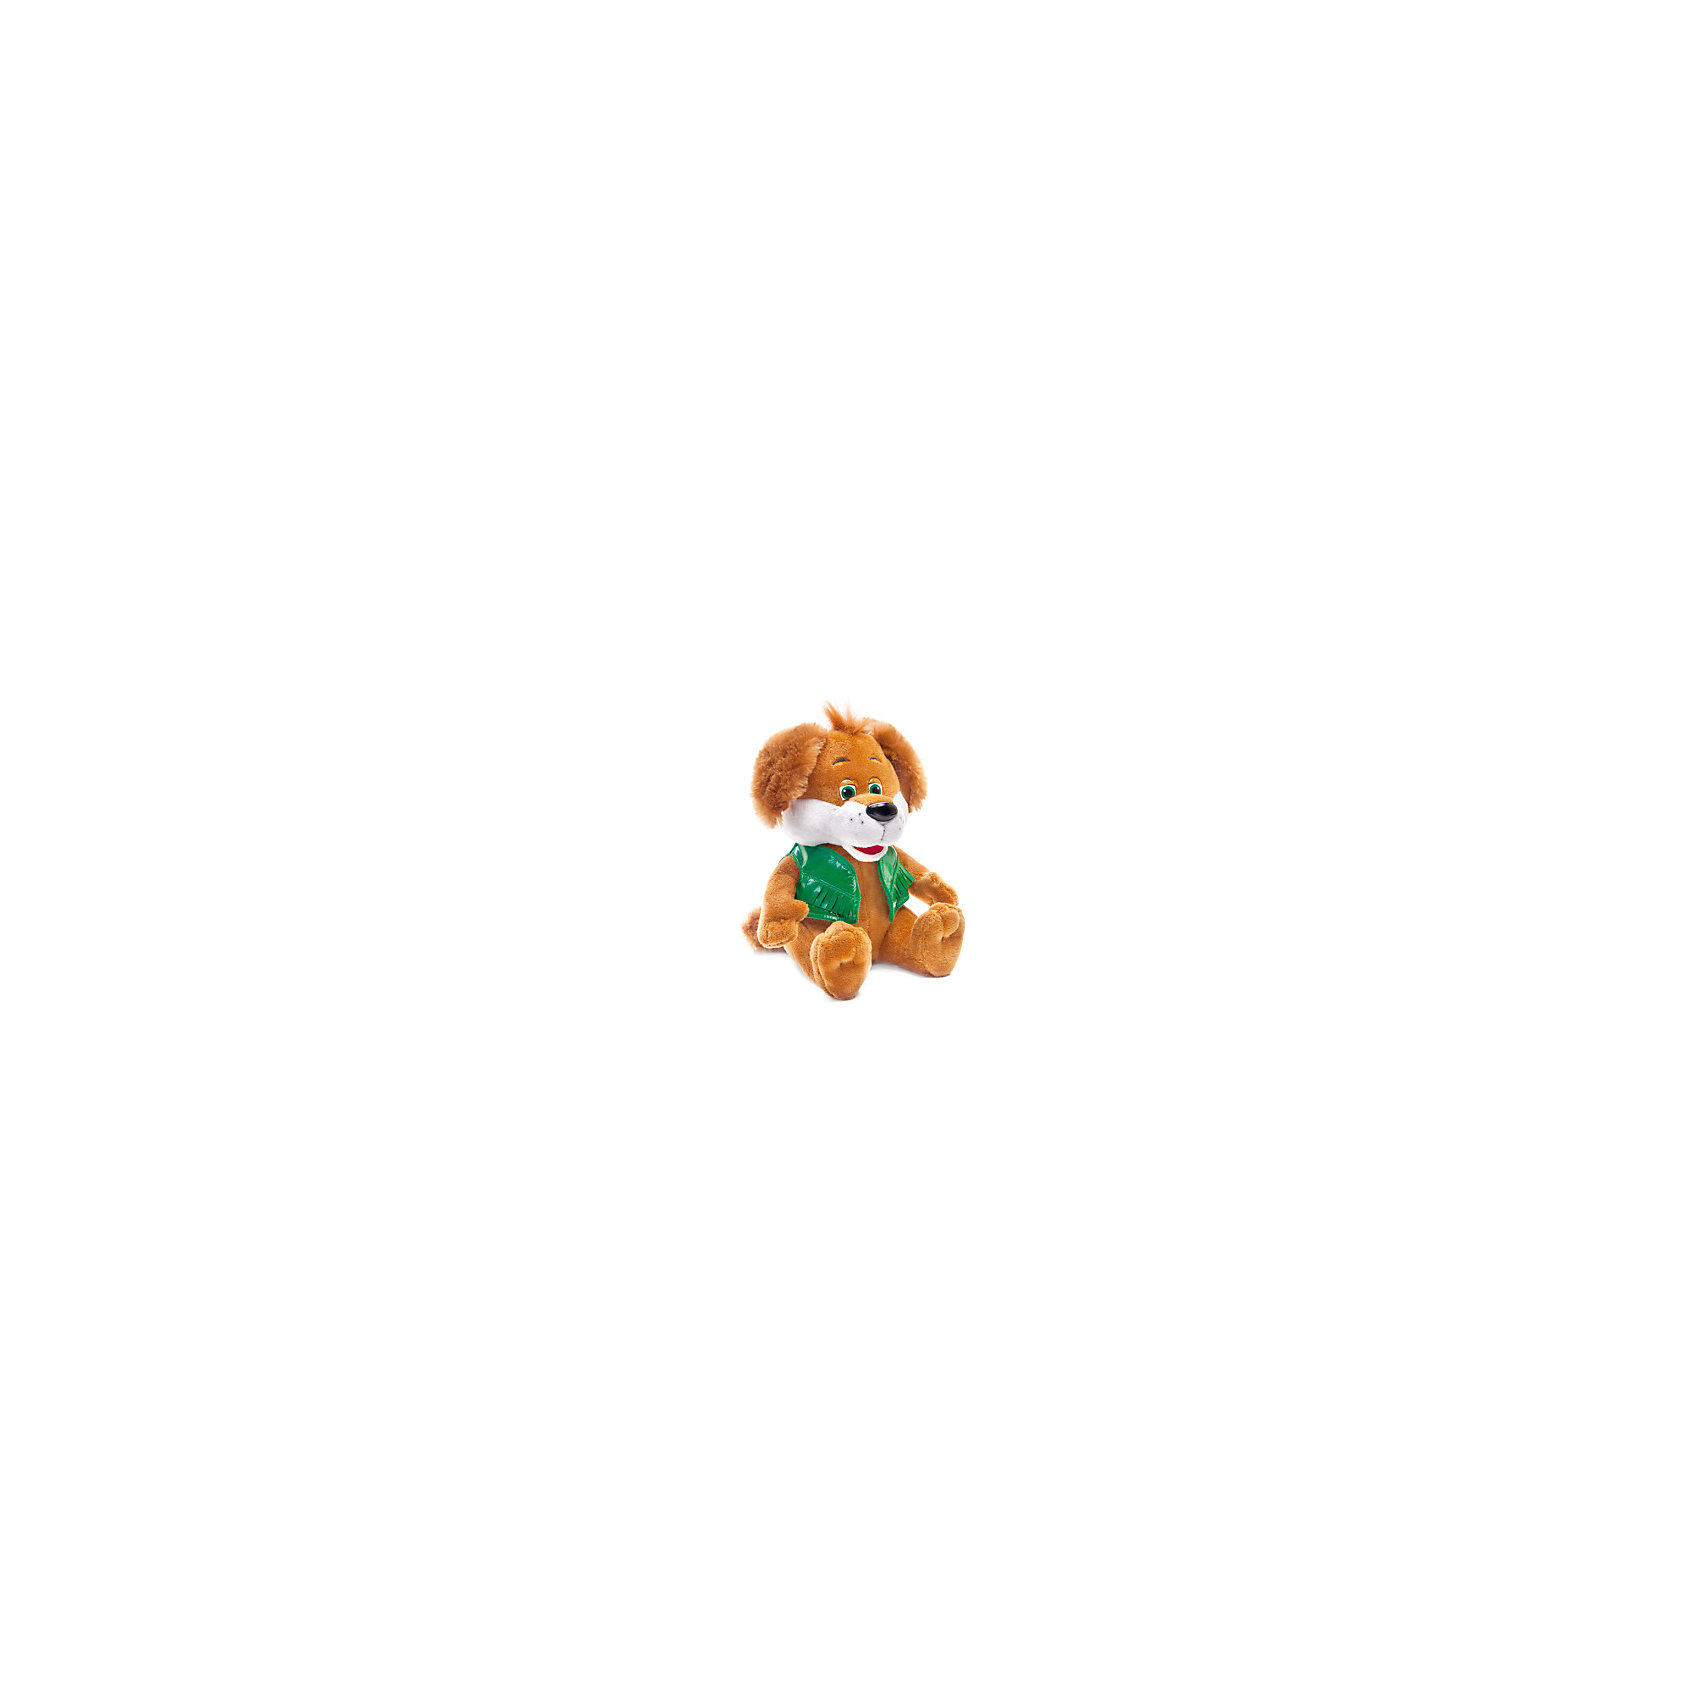 LAVA Пёс в жилетке, музыкальный, 24 см, LAVA lava бобер музыкальный 19 см